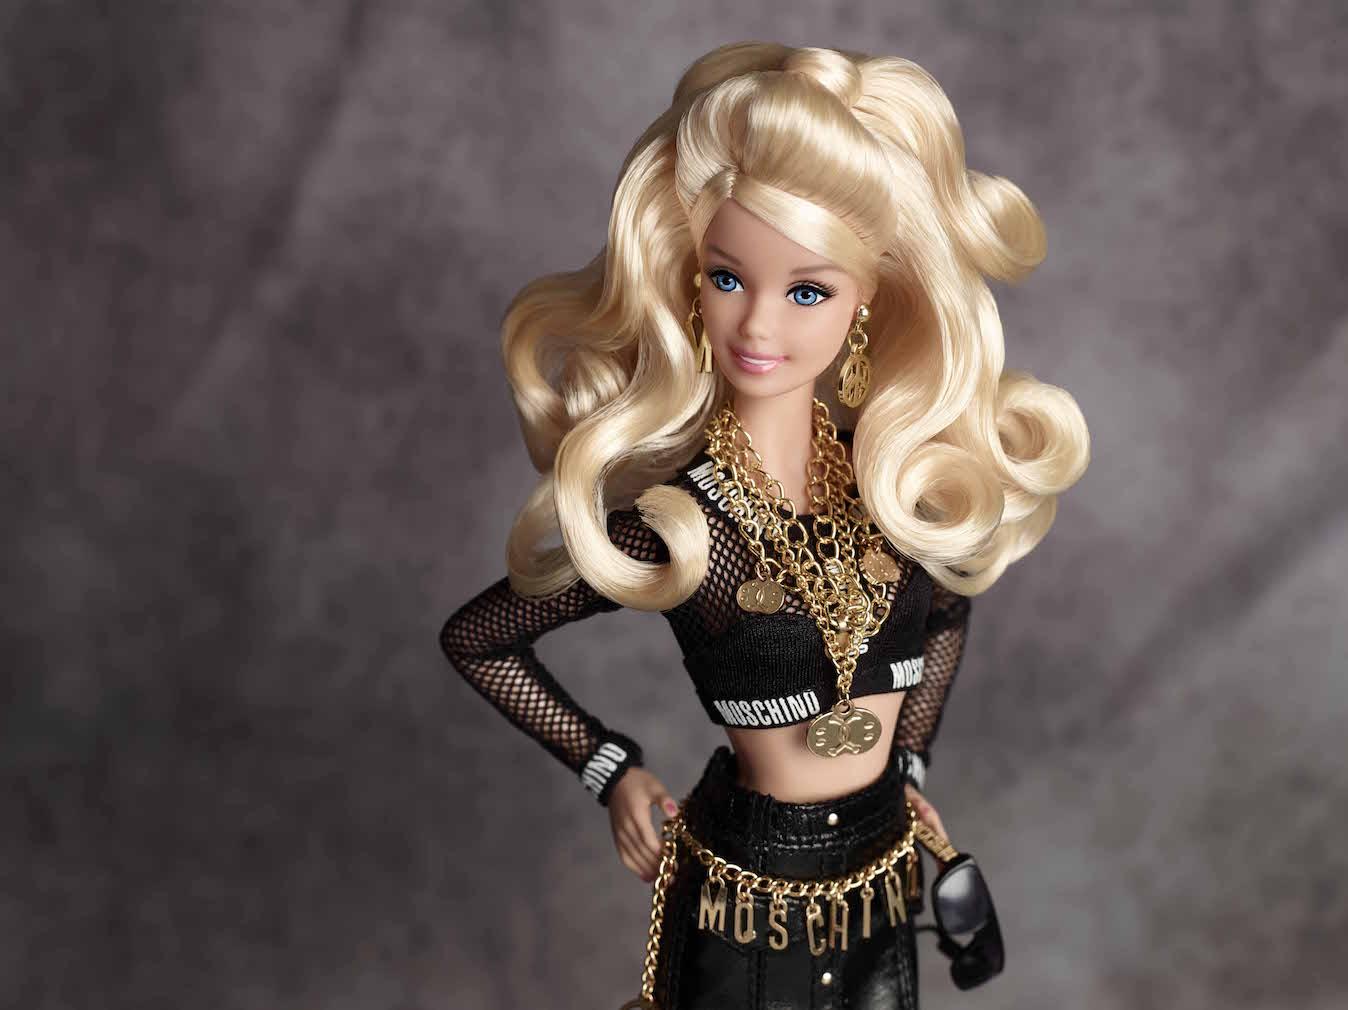 b23e7ce441c8e ▷ Barbie vestita da Moschino disponibile solo online -